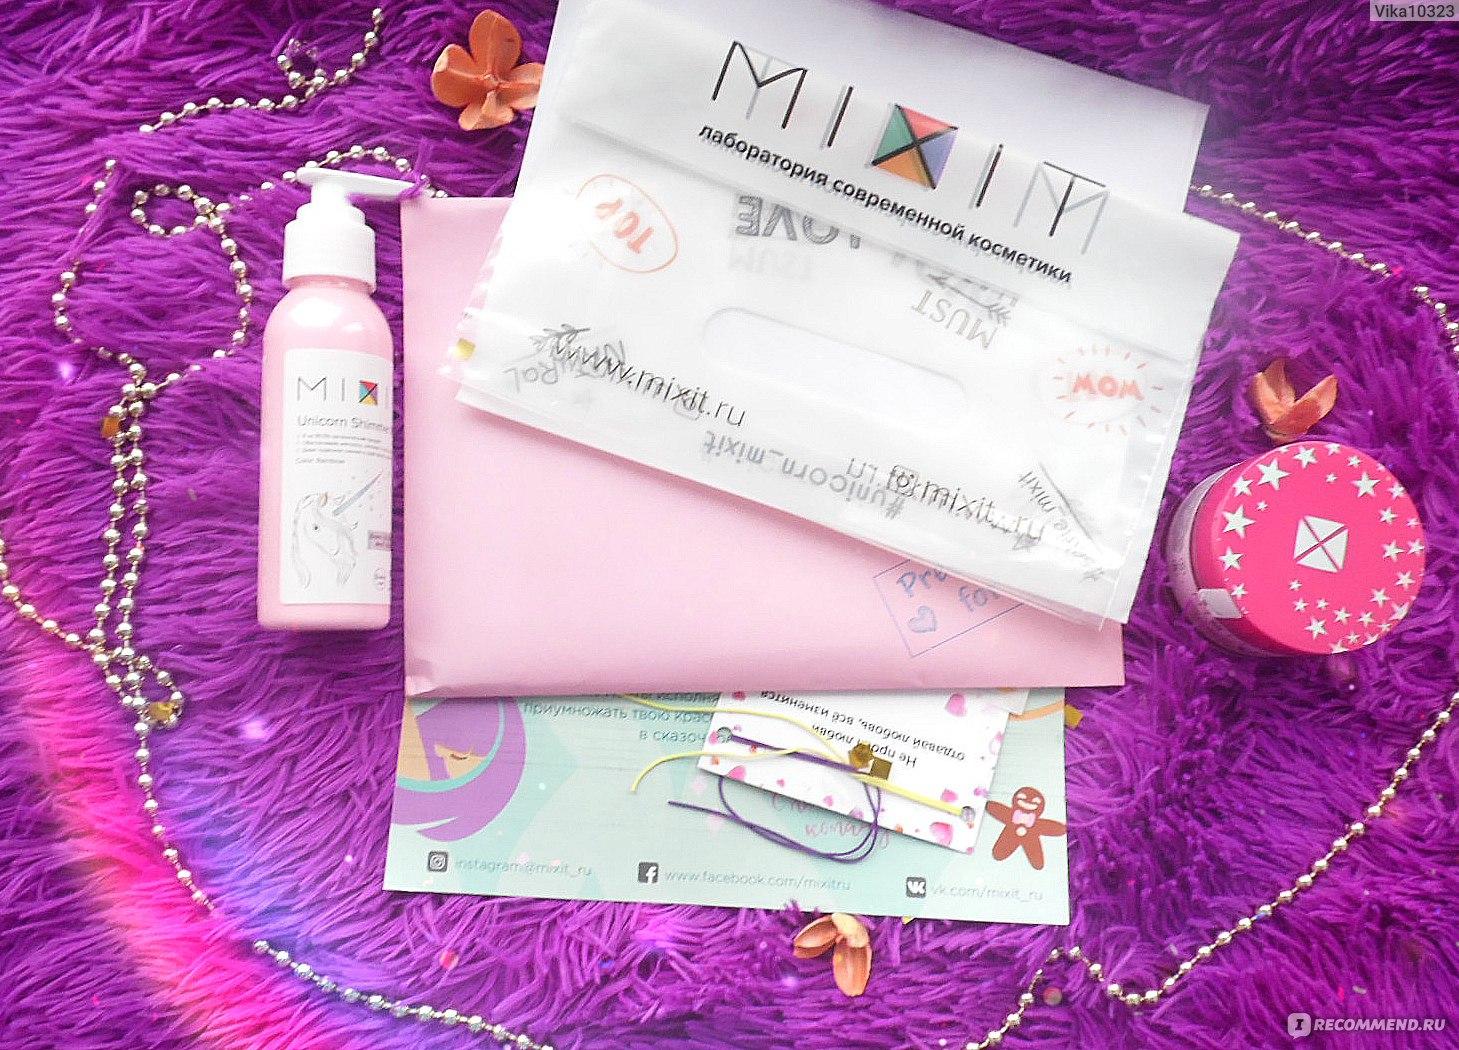 Mixit косметика в украине купить купит косметику оригинал